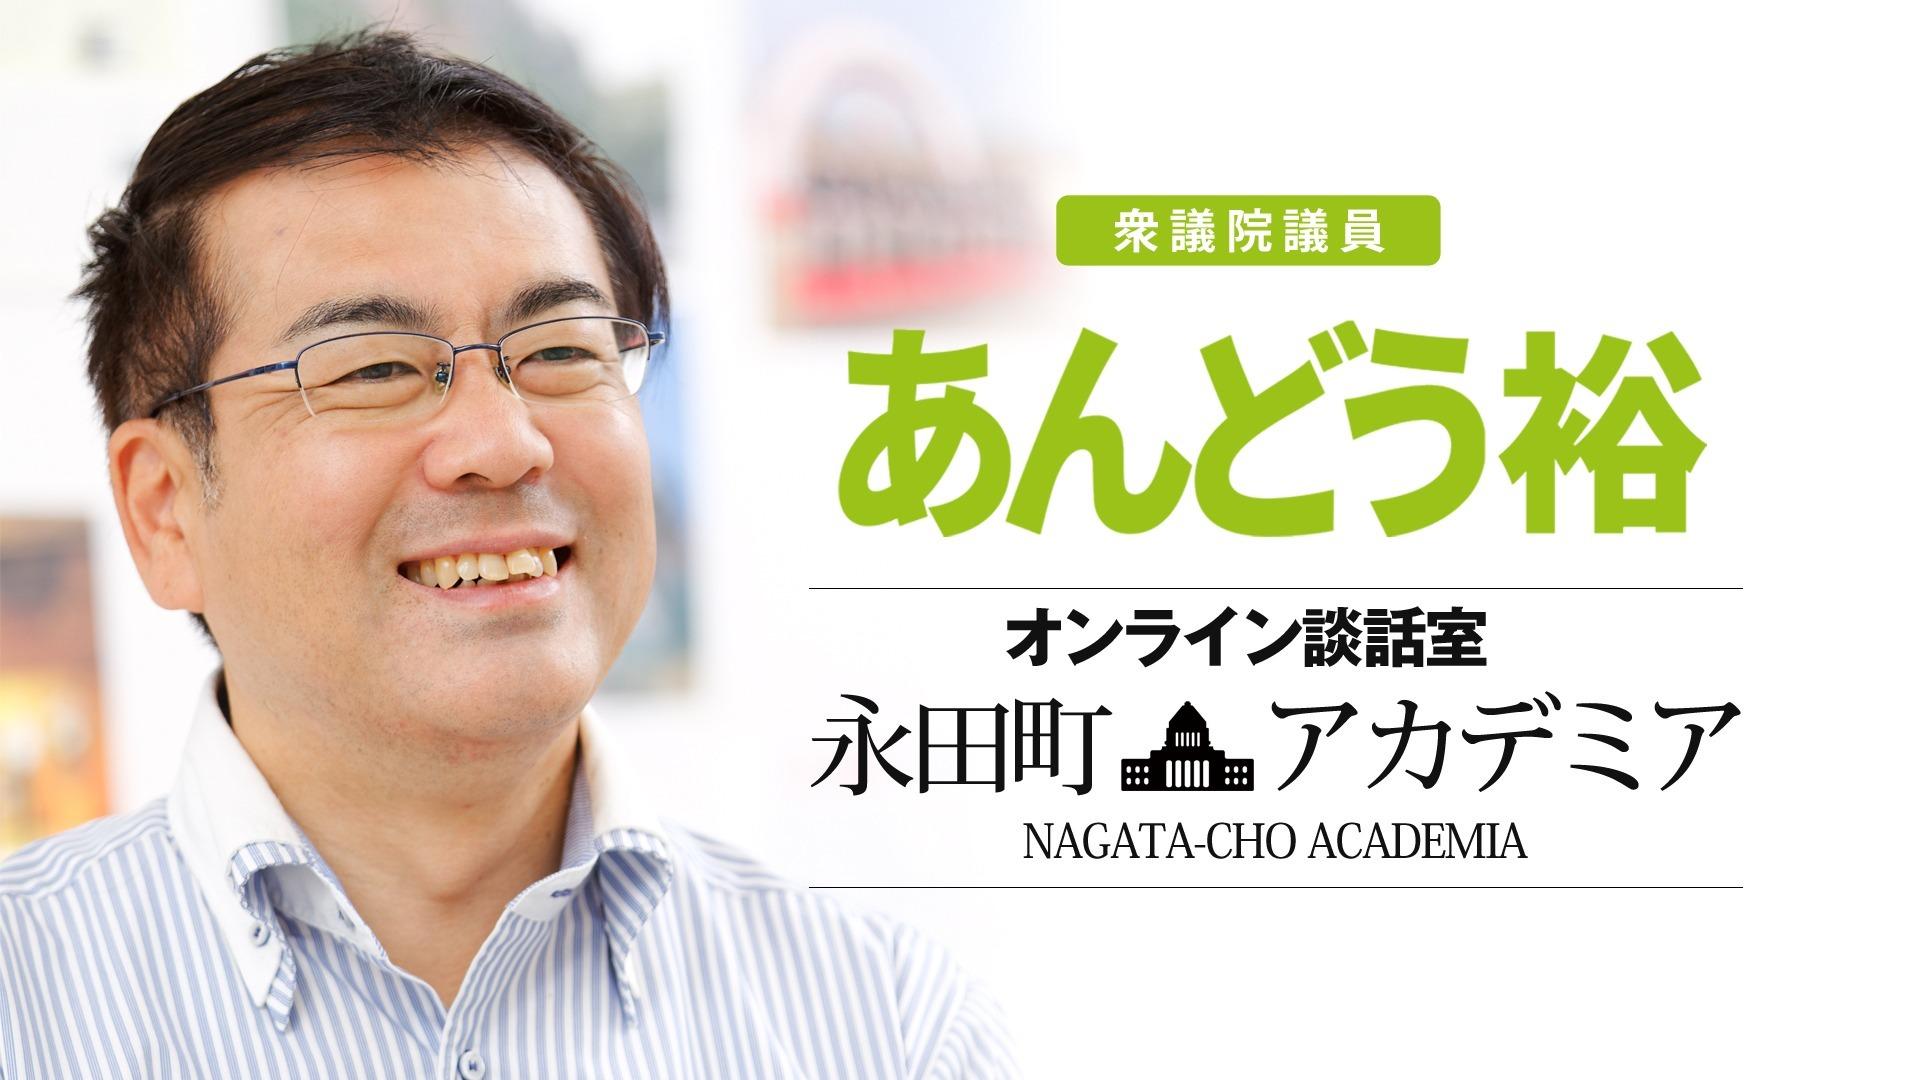 衆議院議員あんどう裕 永田町アカデミア|オンライン談話室